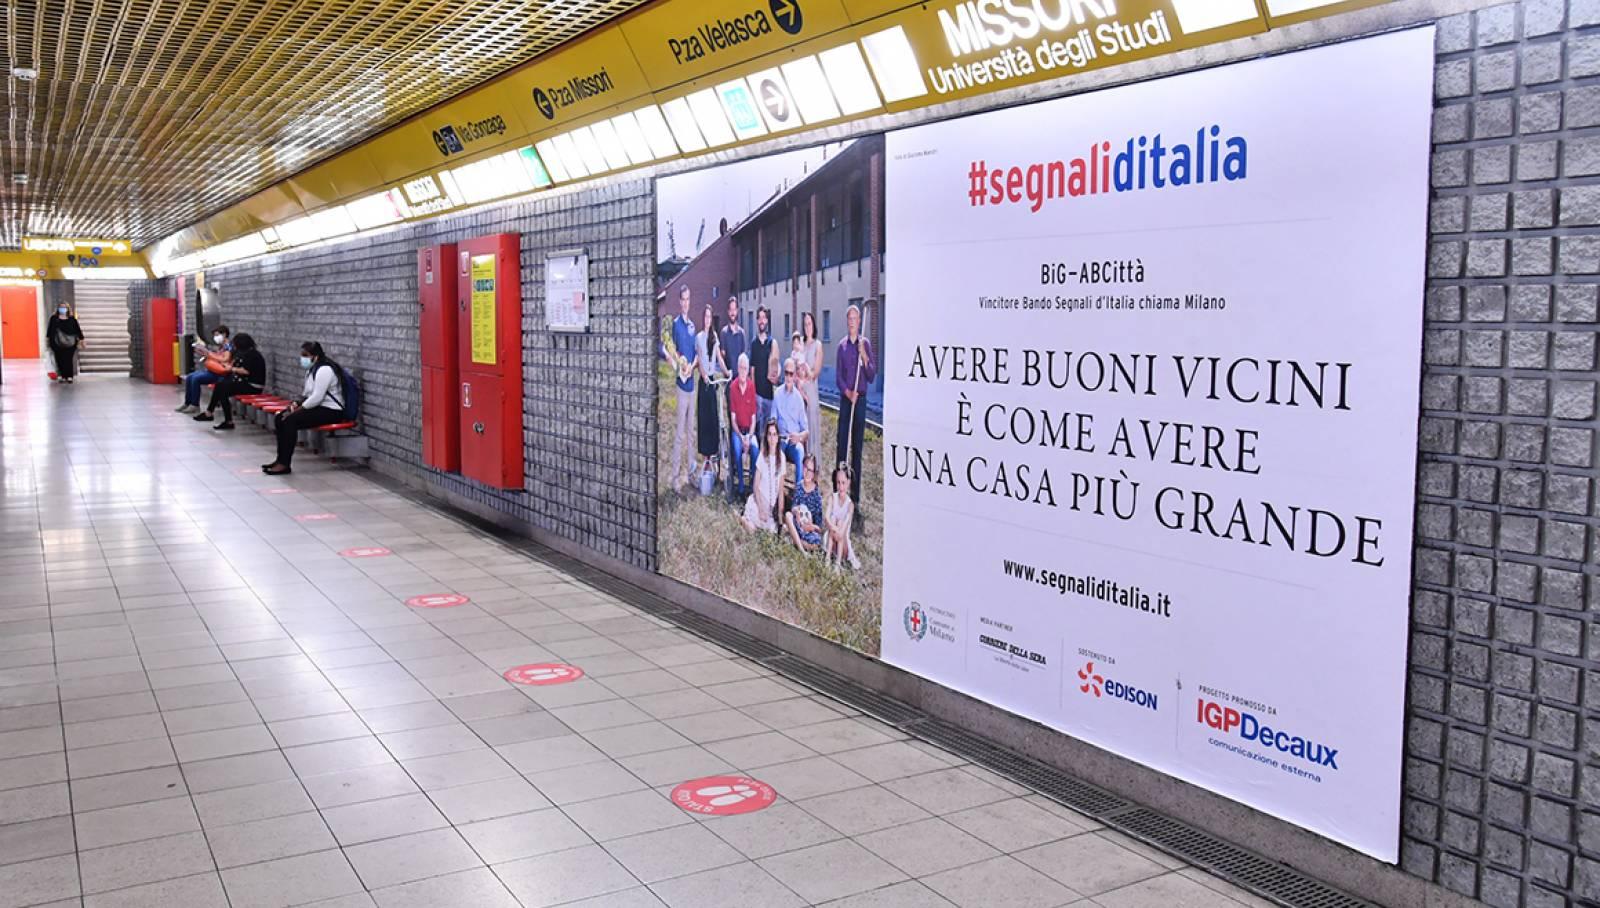 IGPDecaux campagna Segnali d'Italia circuito Maxi per big AbCittà in metropolitana a Milano